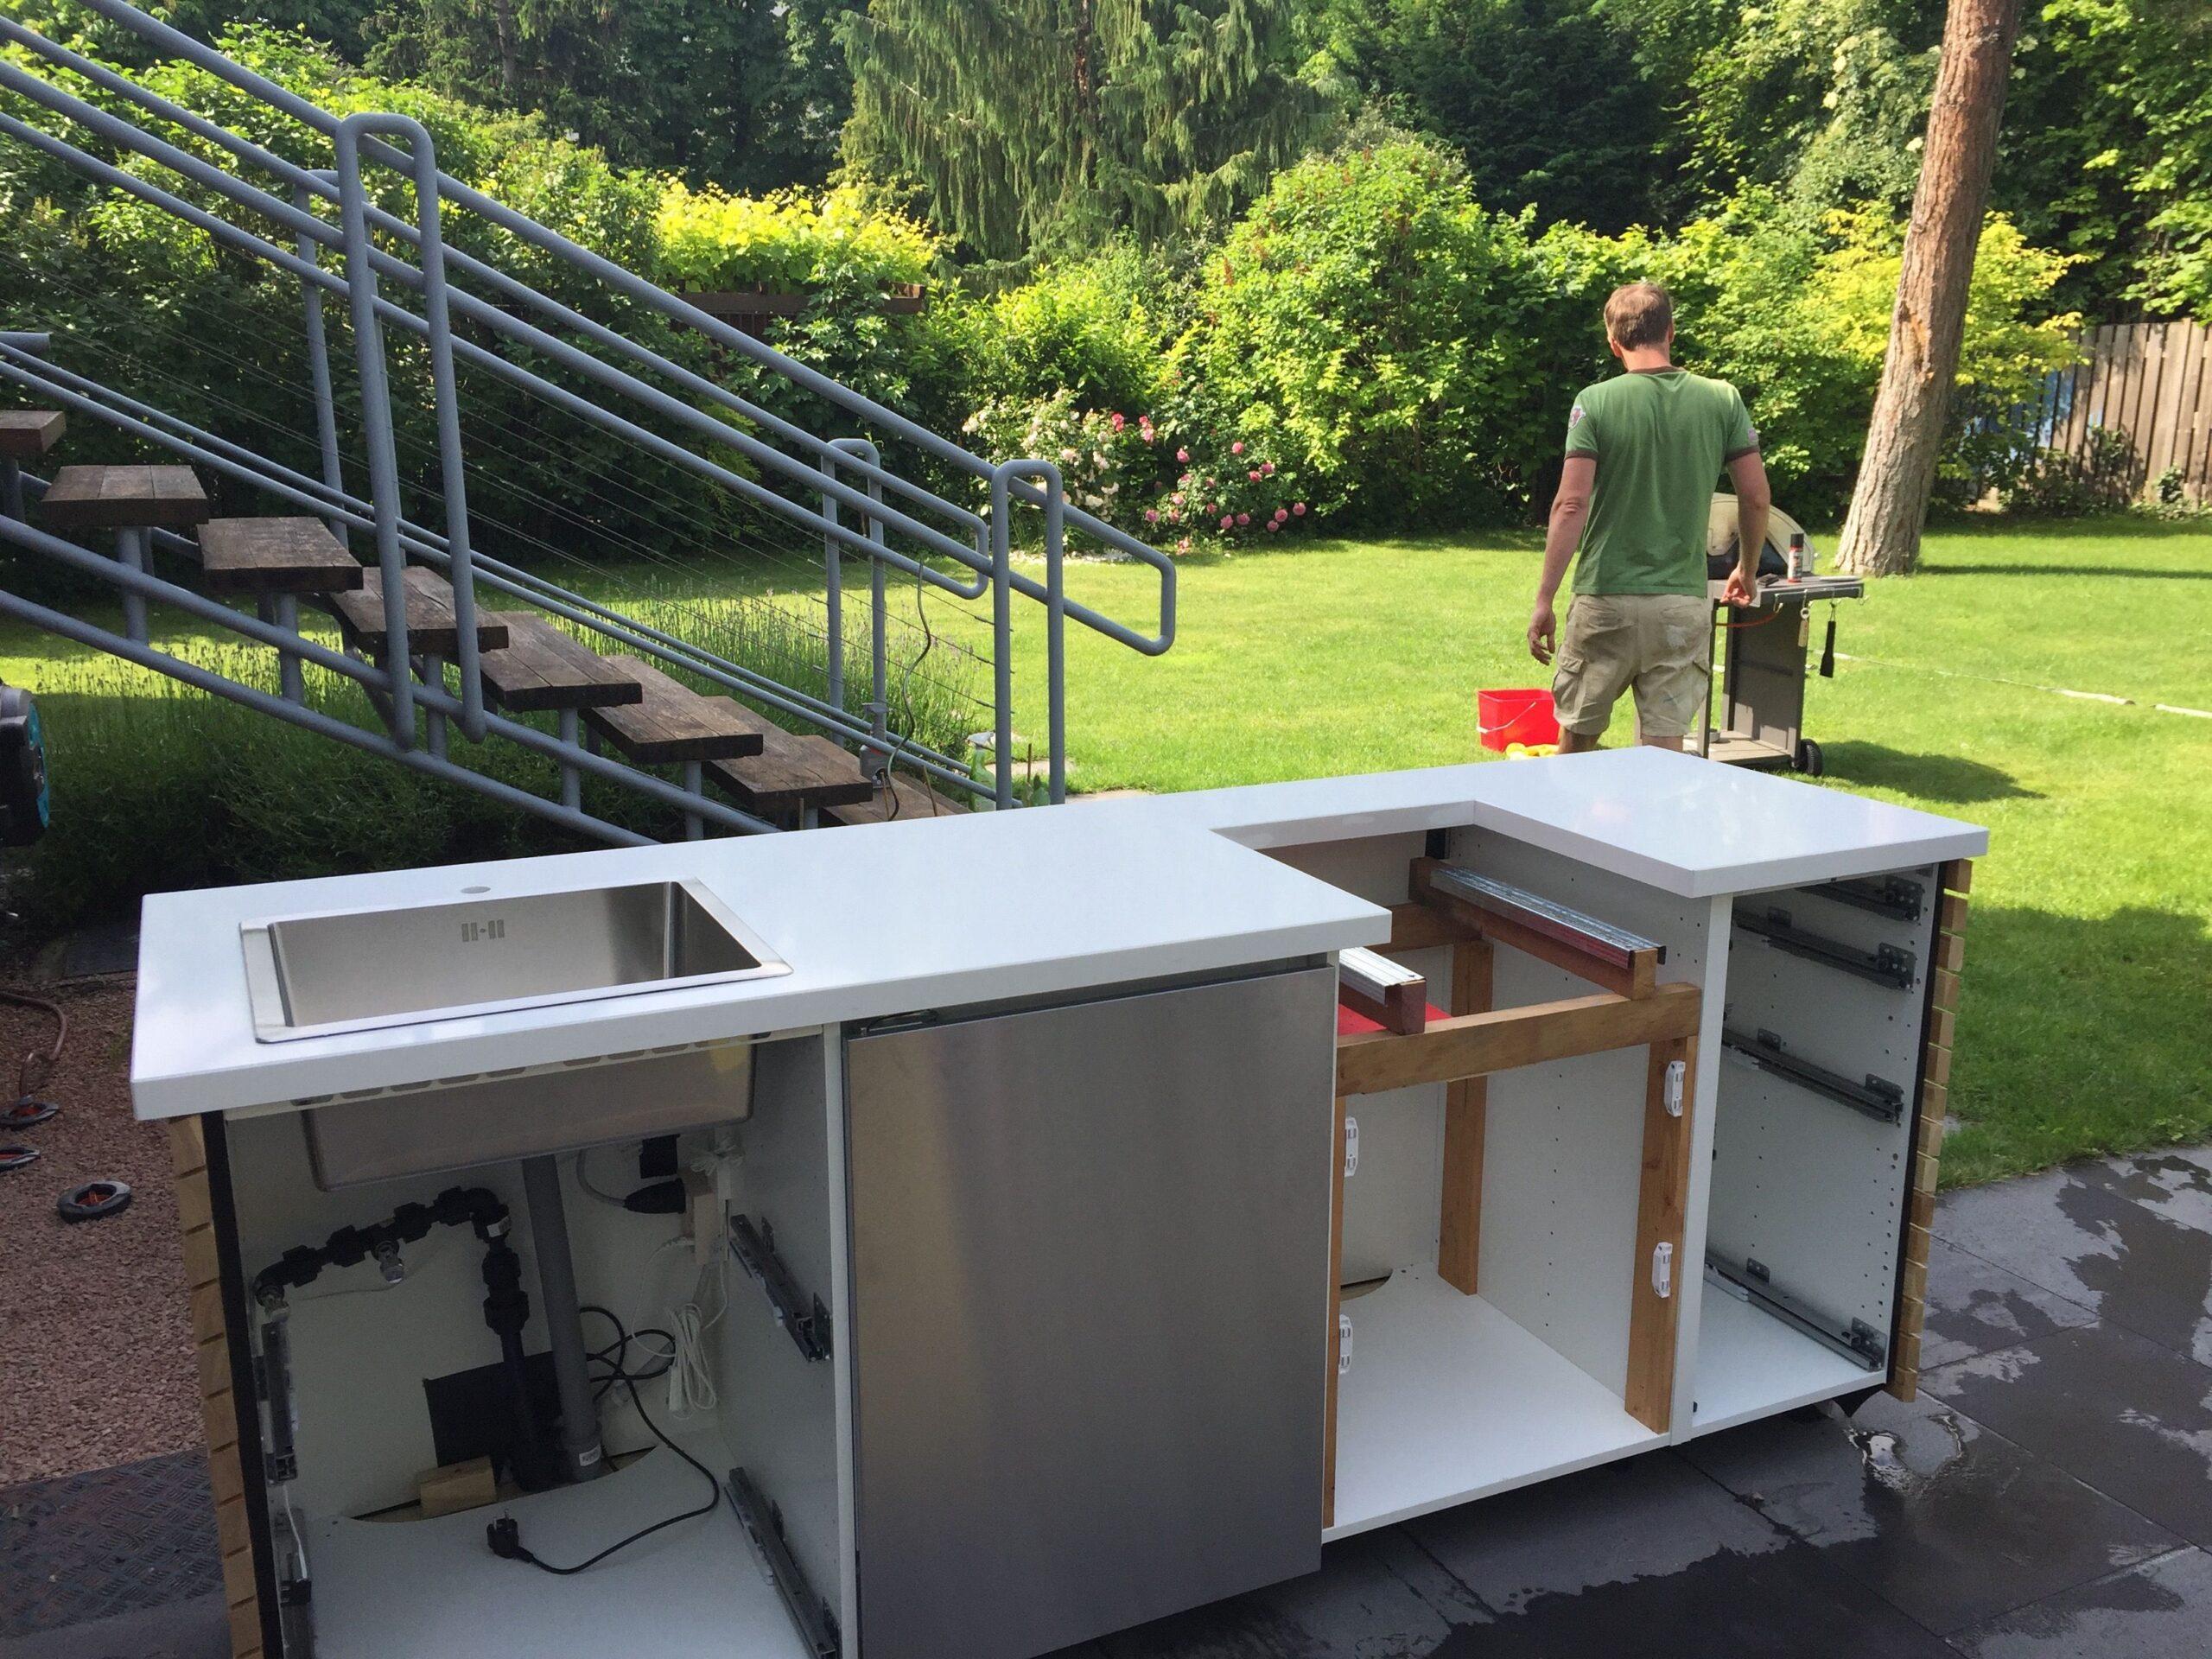 Full Size of Küche Selber Bauen Ikea Diy Outdoorkche Hack Outdoor Jalousieschrank Bodengleiche Dusche Einbauen Weisse Landhausküche Modulküche Laminat Für Was Kostet Wohnzimmer Küche Selber Bauen Ikea